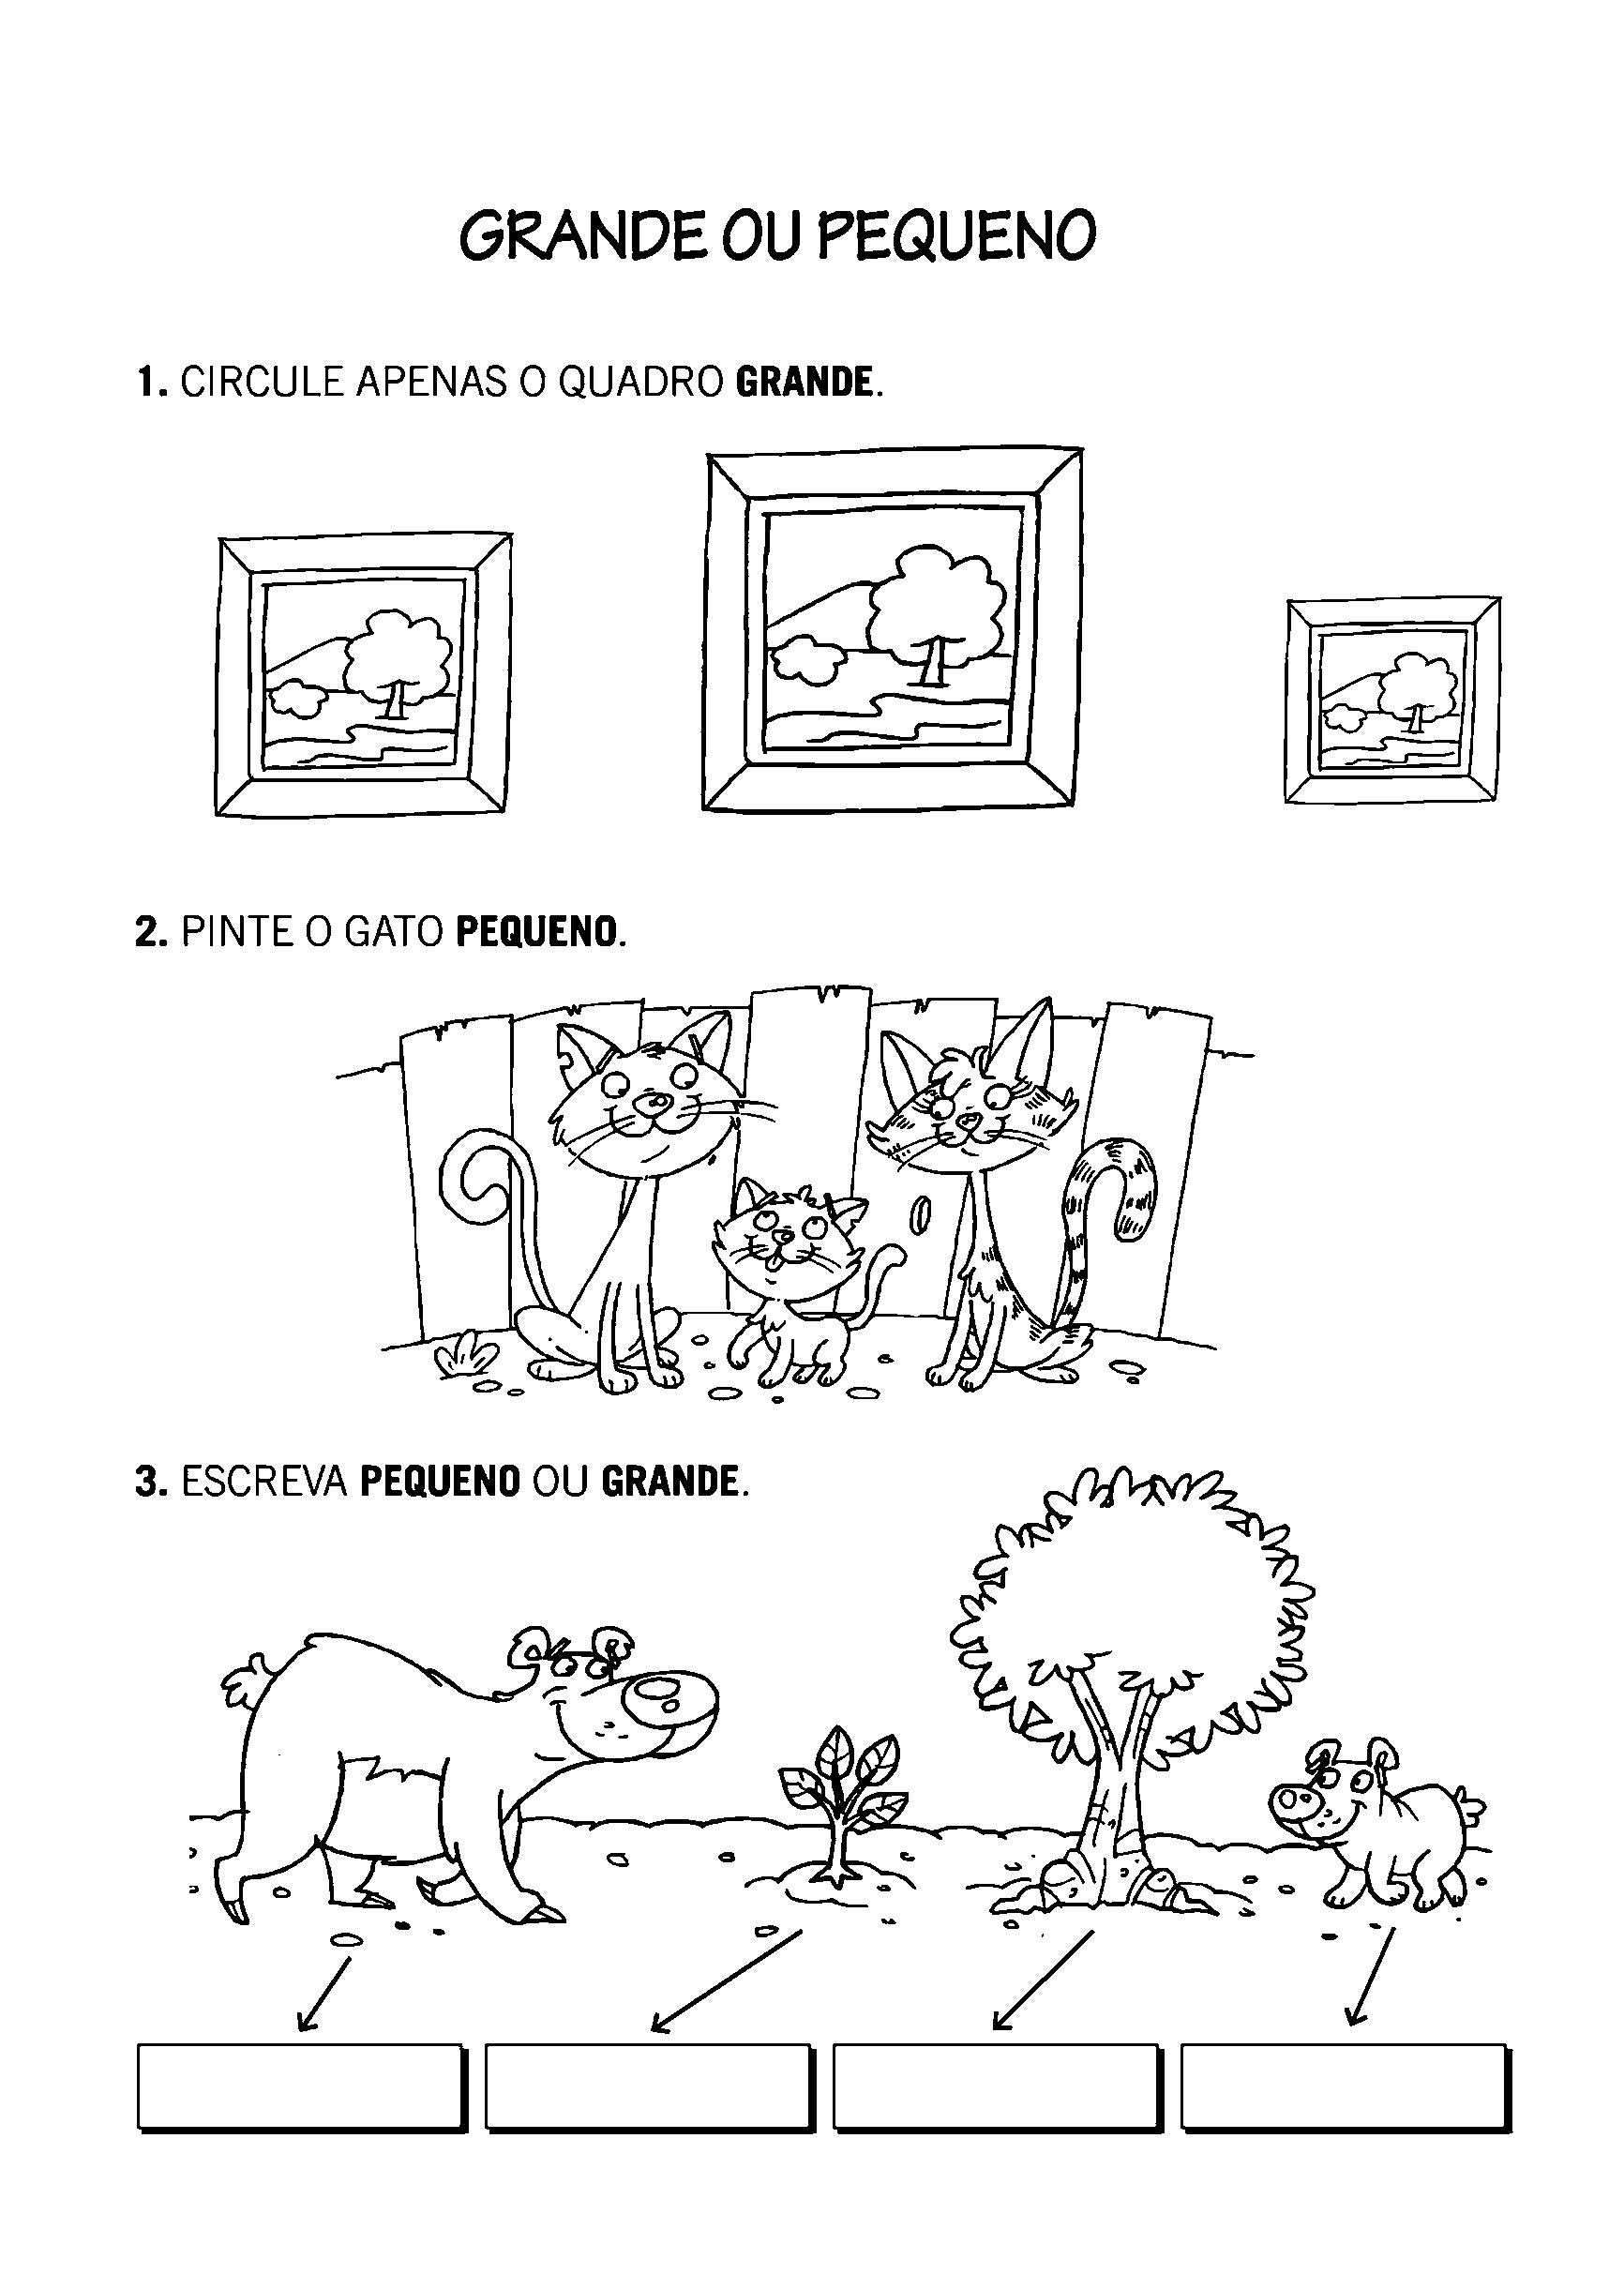 Atividade com tamanho